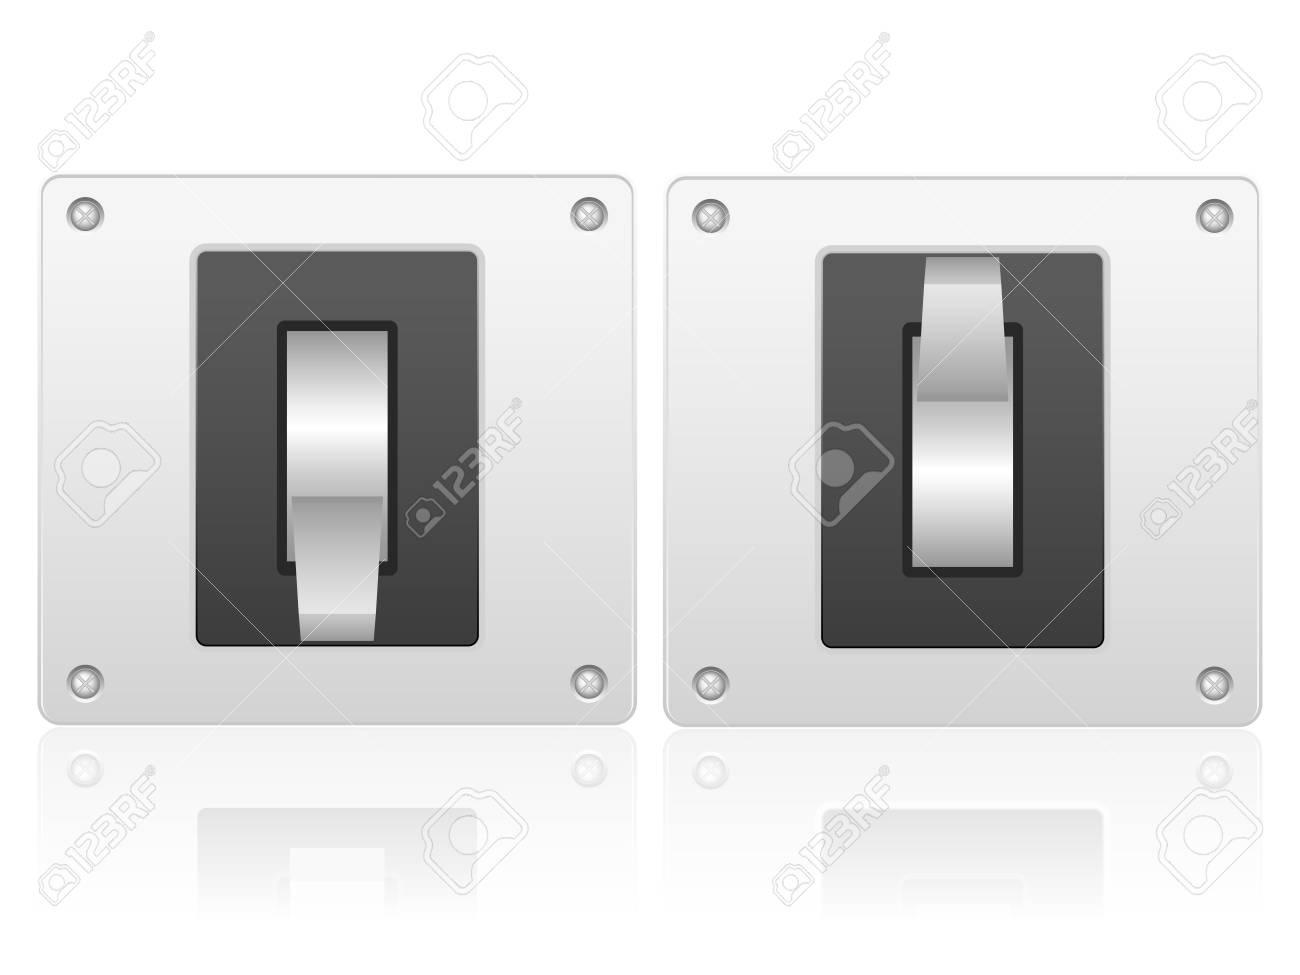 Elektrischen Schalter Auf Einem Weißen Hintergrund. Lizenzfrei ...